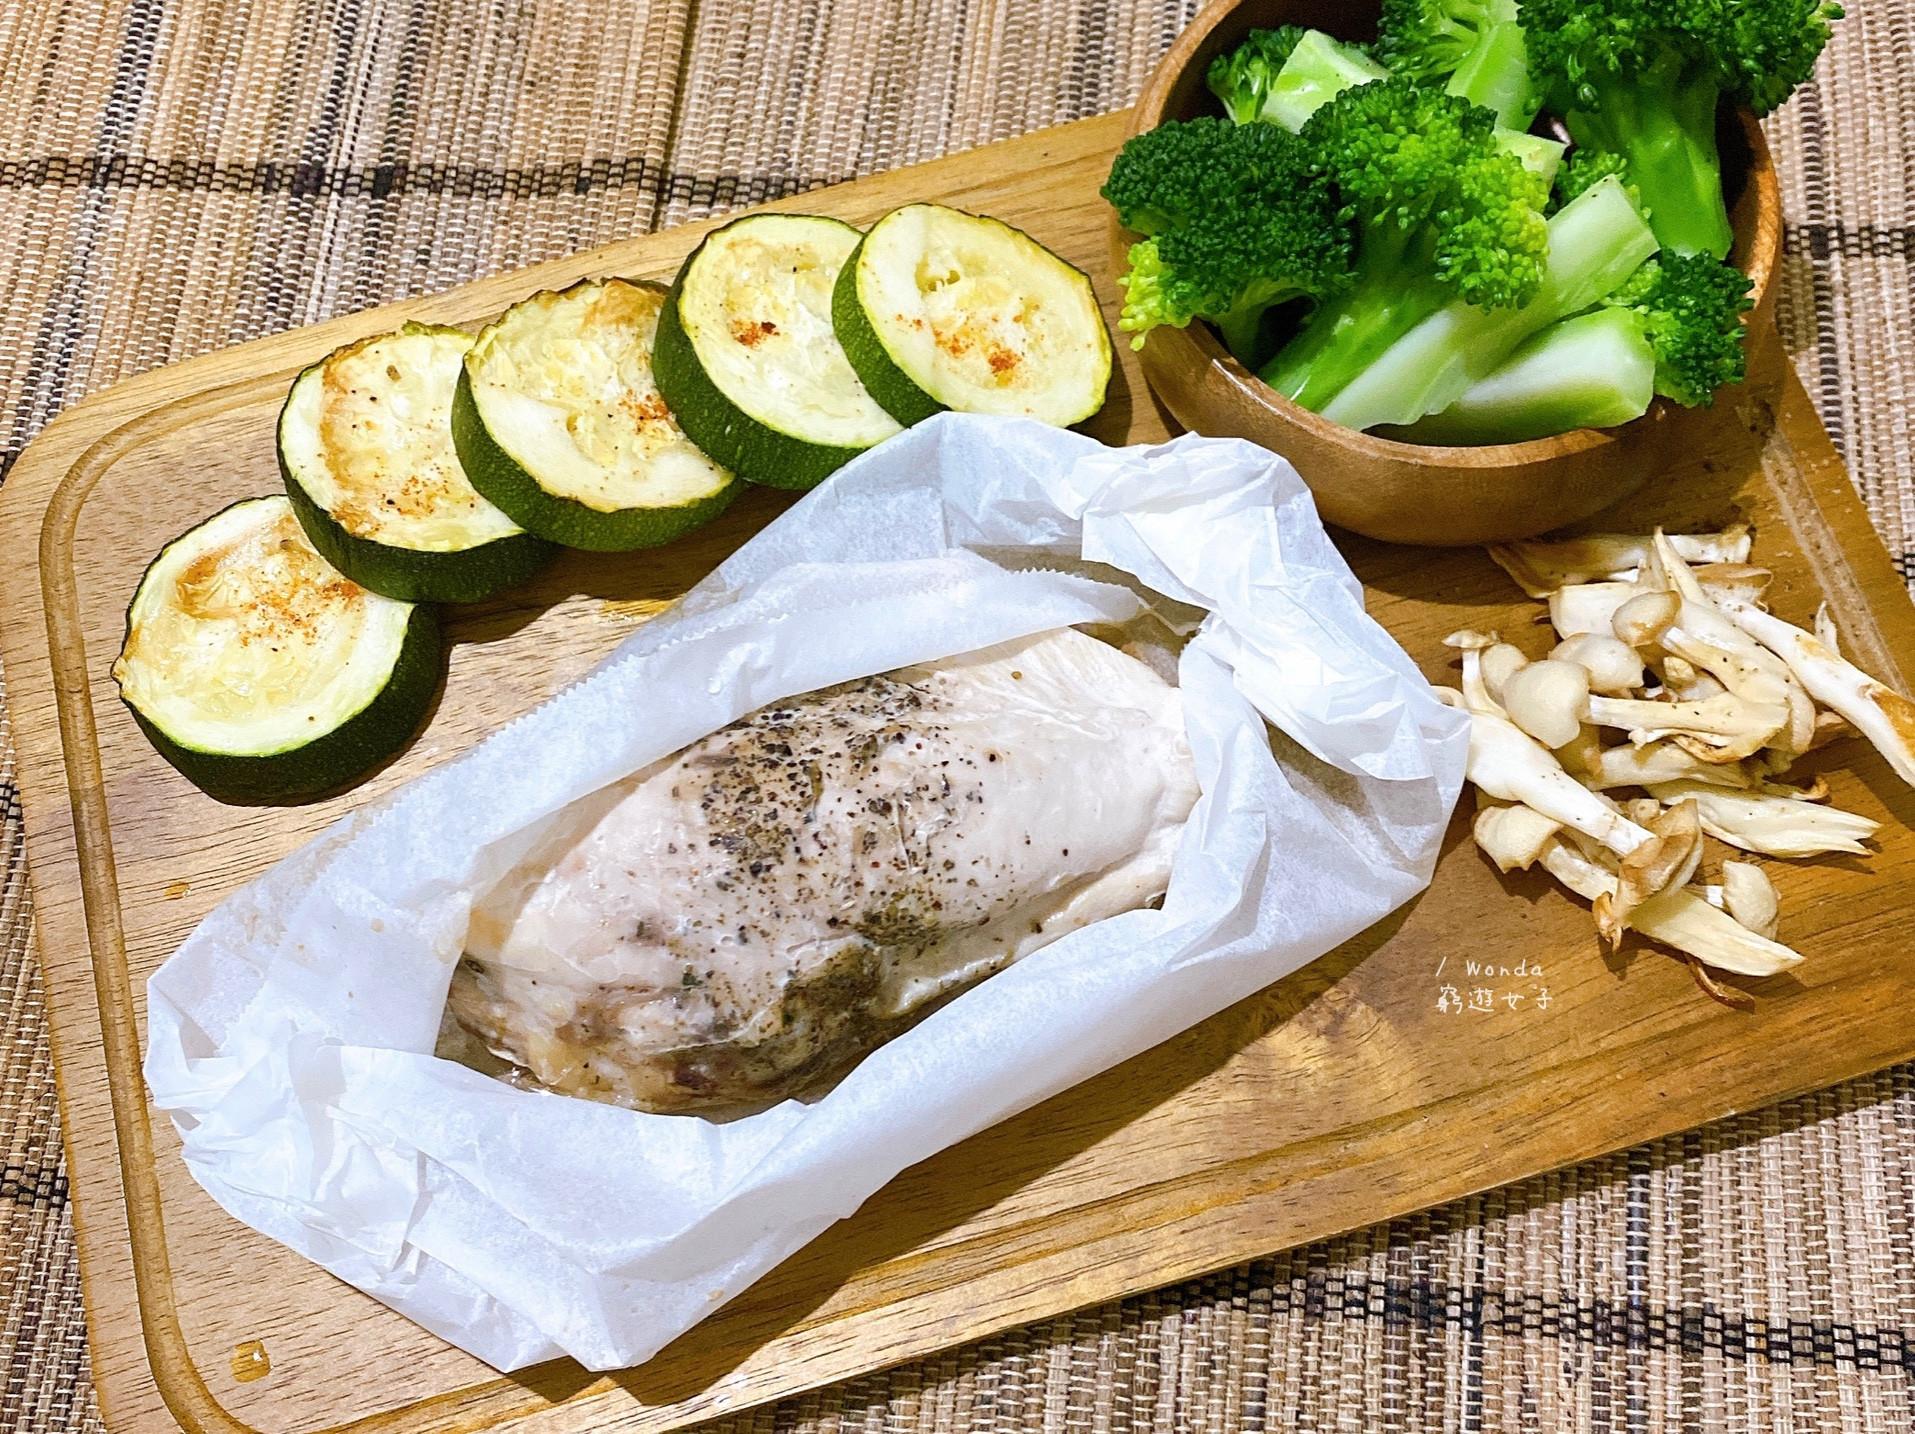 烤箱料理|香料雞肉蔬菜盤